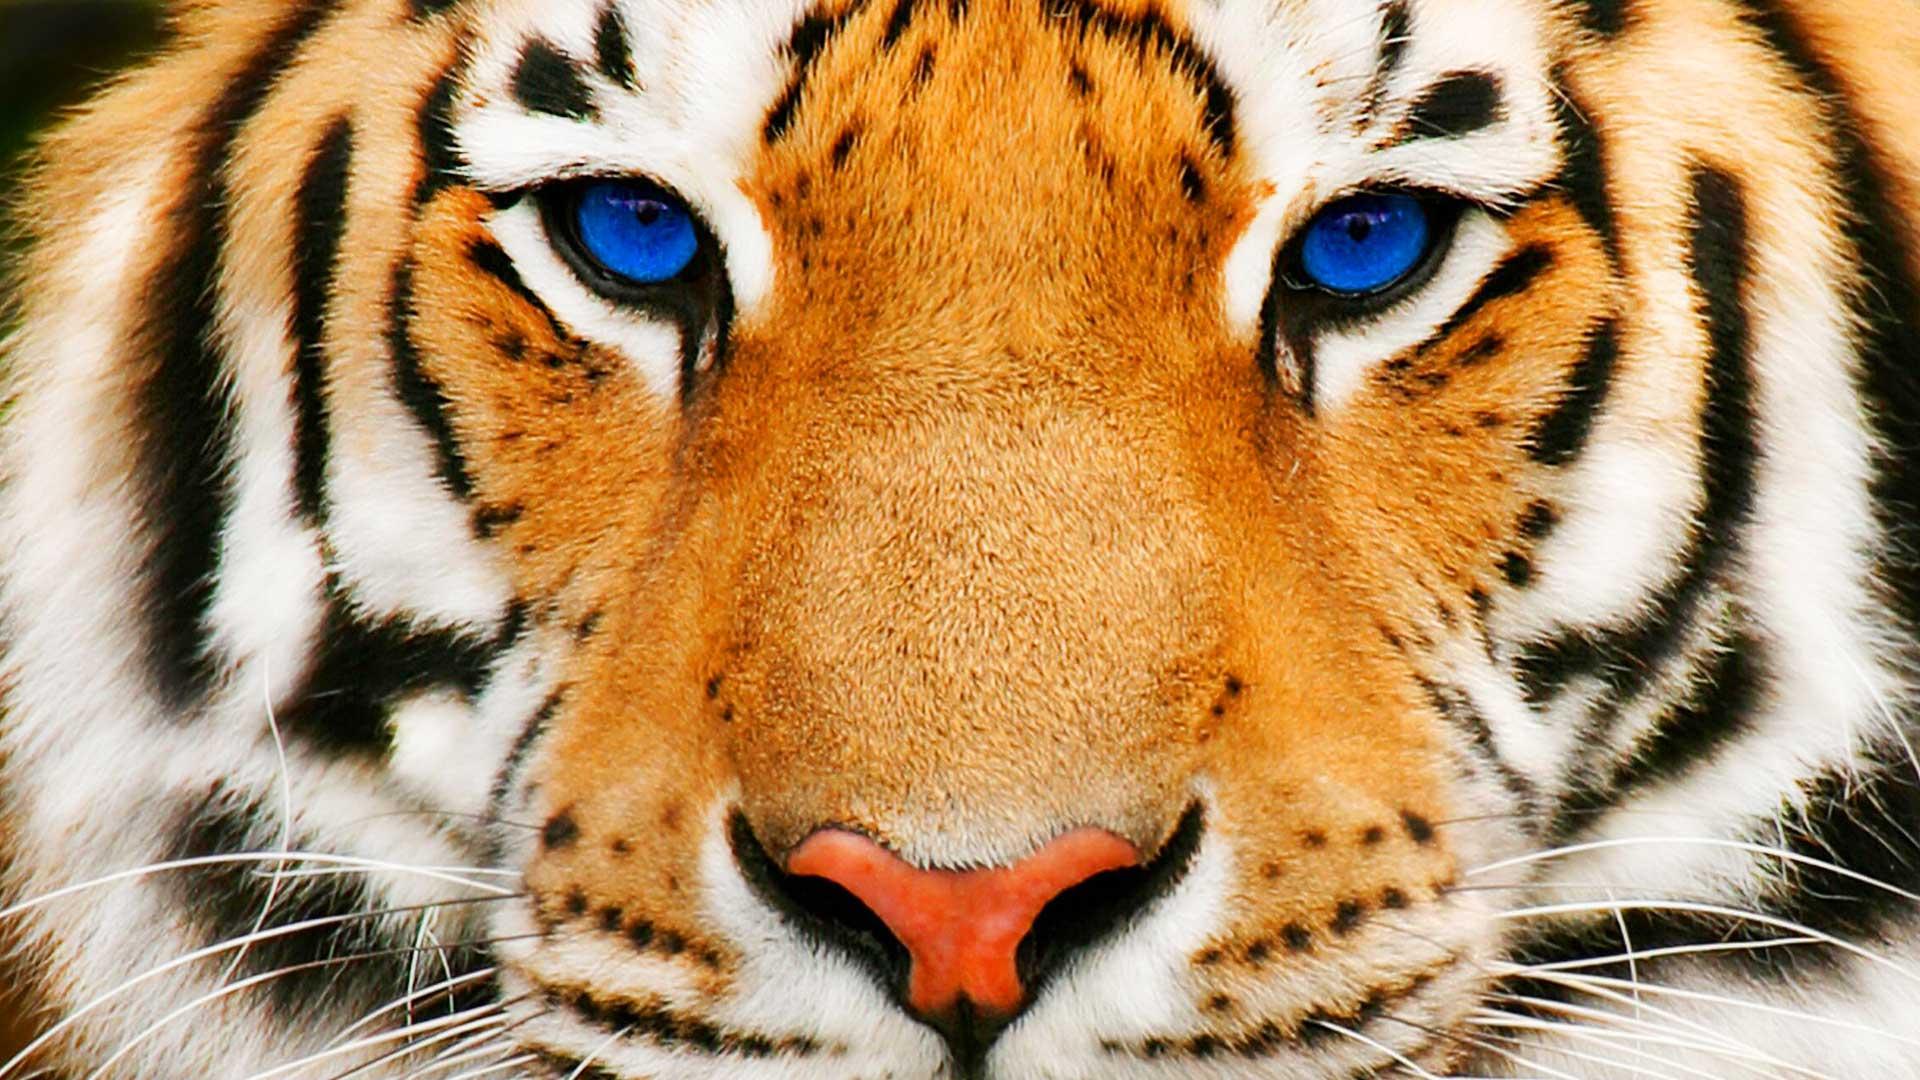 Tiger Full HD Wallpaper and Hintergrund | 1920x1080 | ID ...